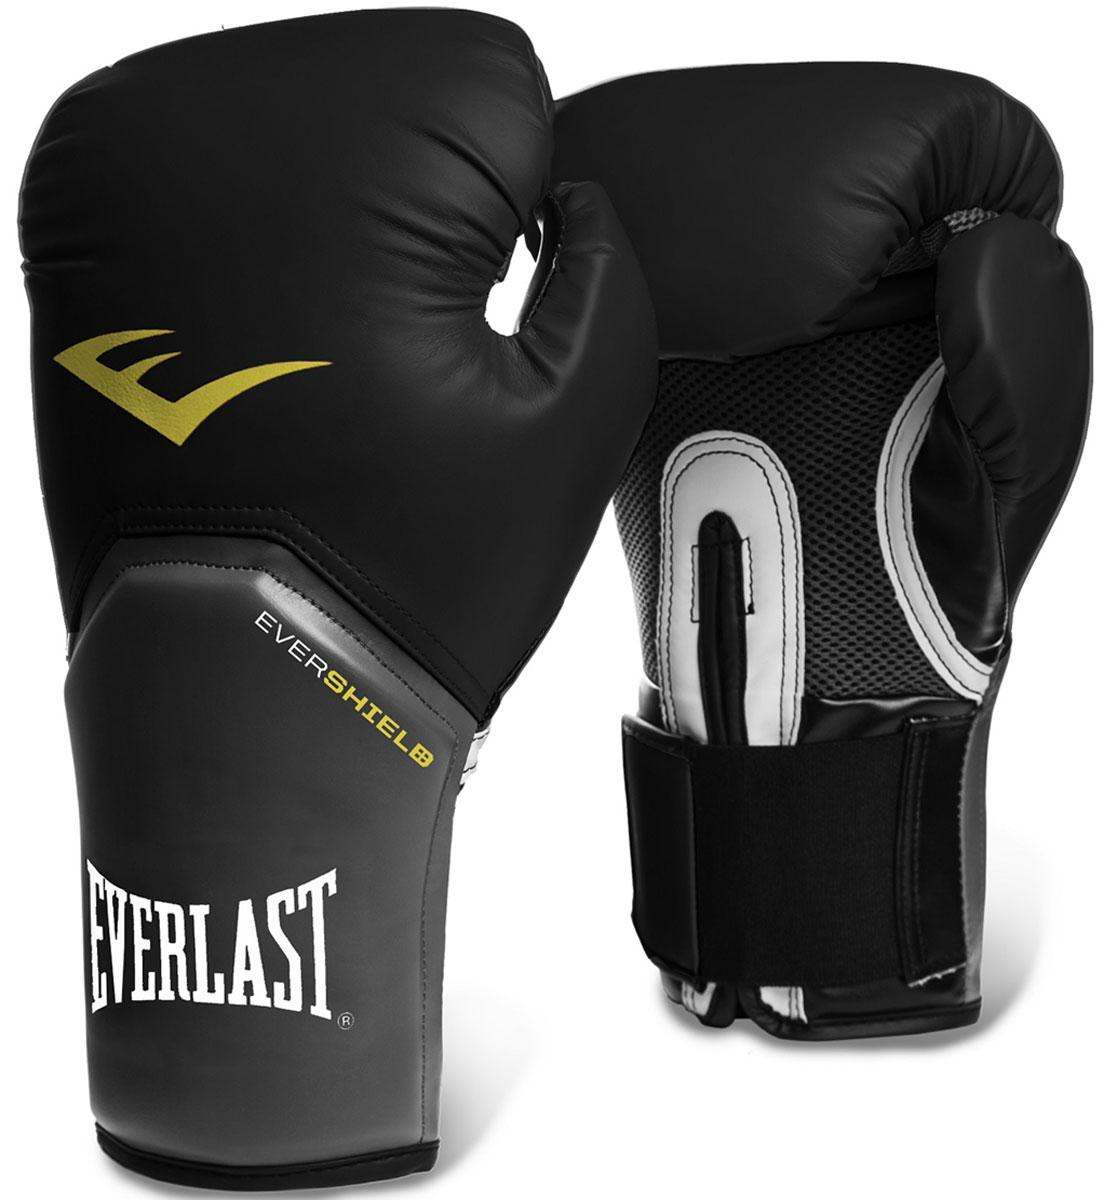 Перчатки тренировочные Everlast Pro Style Elite, цвет: черный, 8 унций перчатки тренировочные everlast pro style elite цвет черный 16 унций